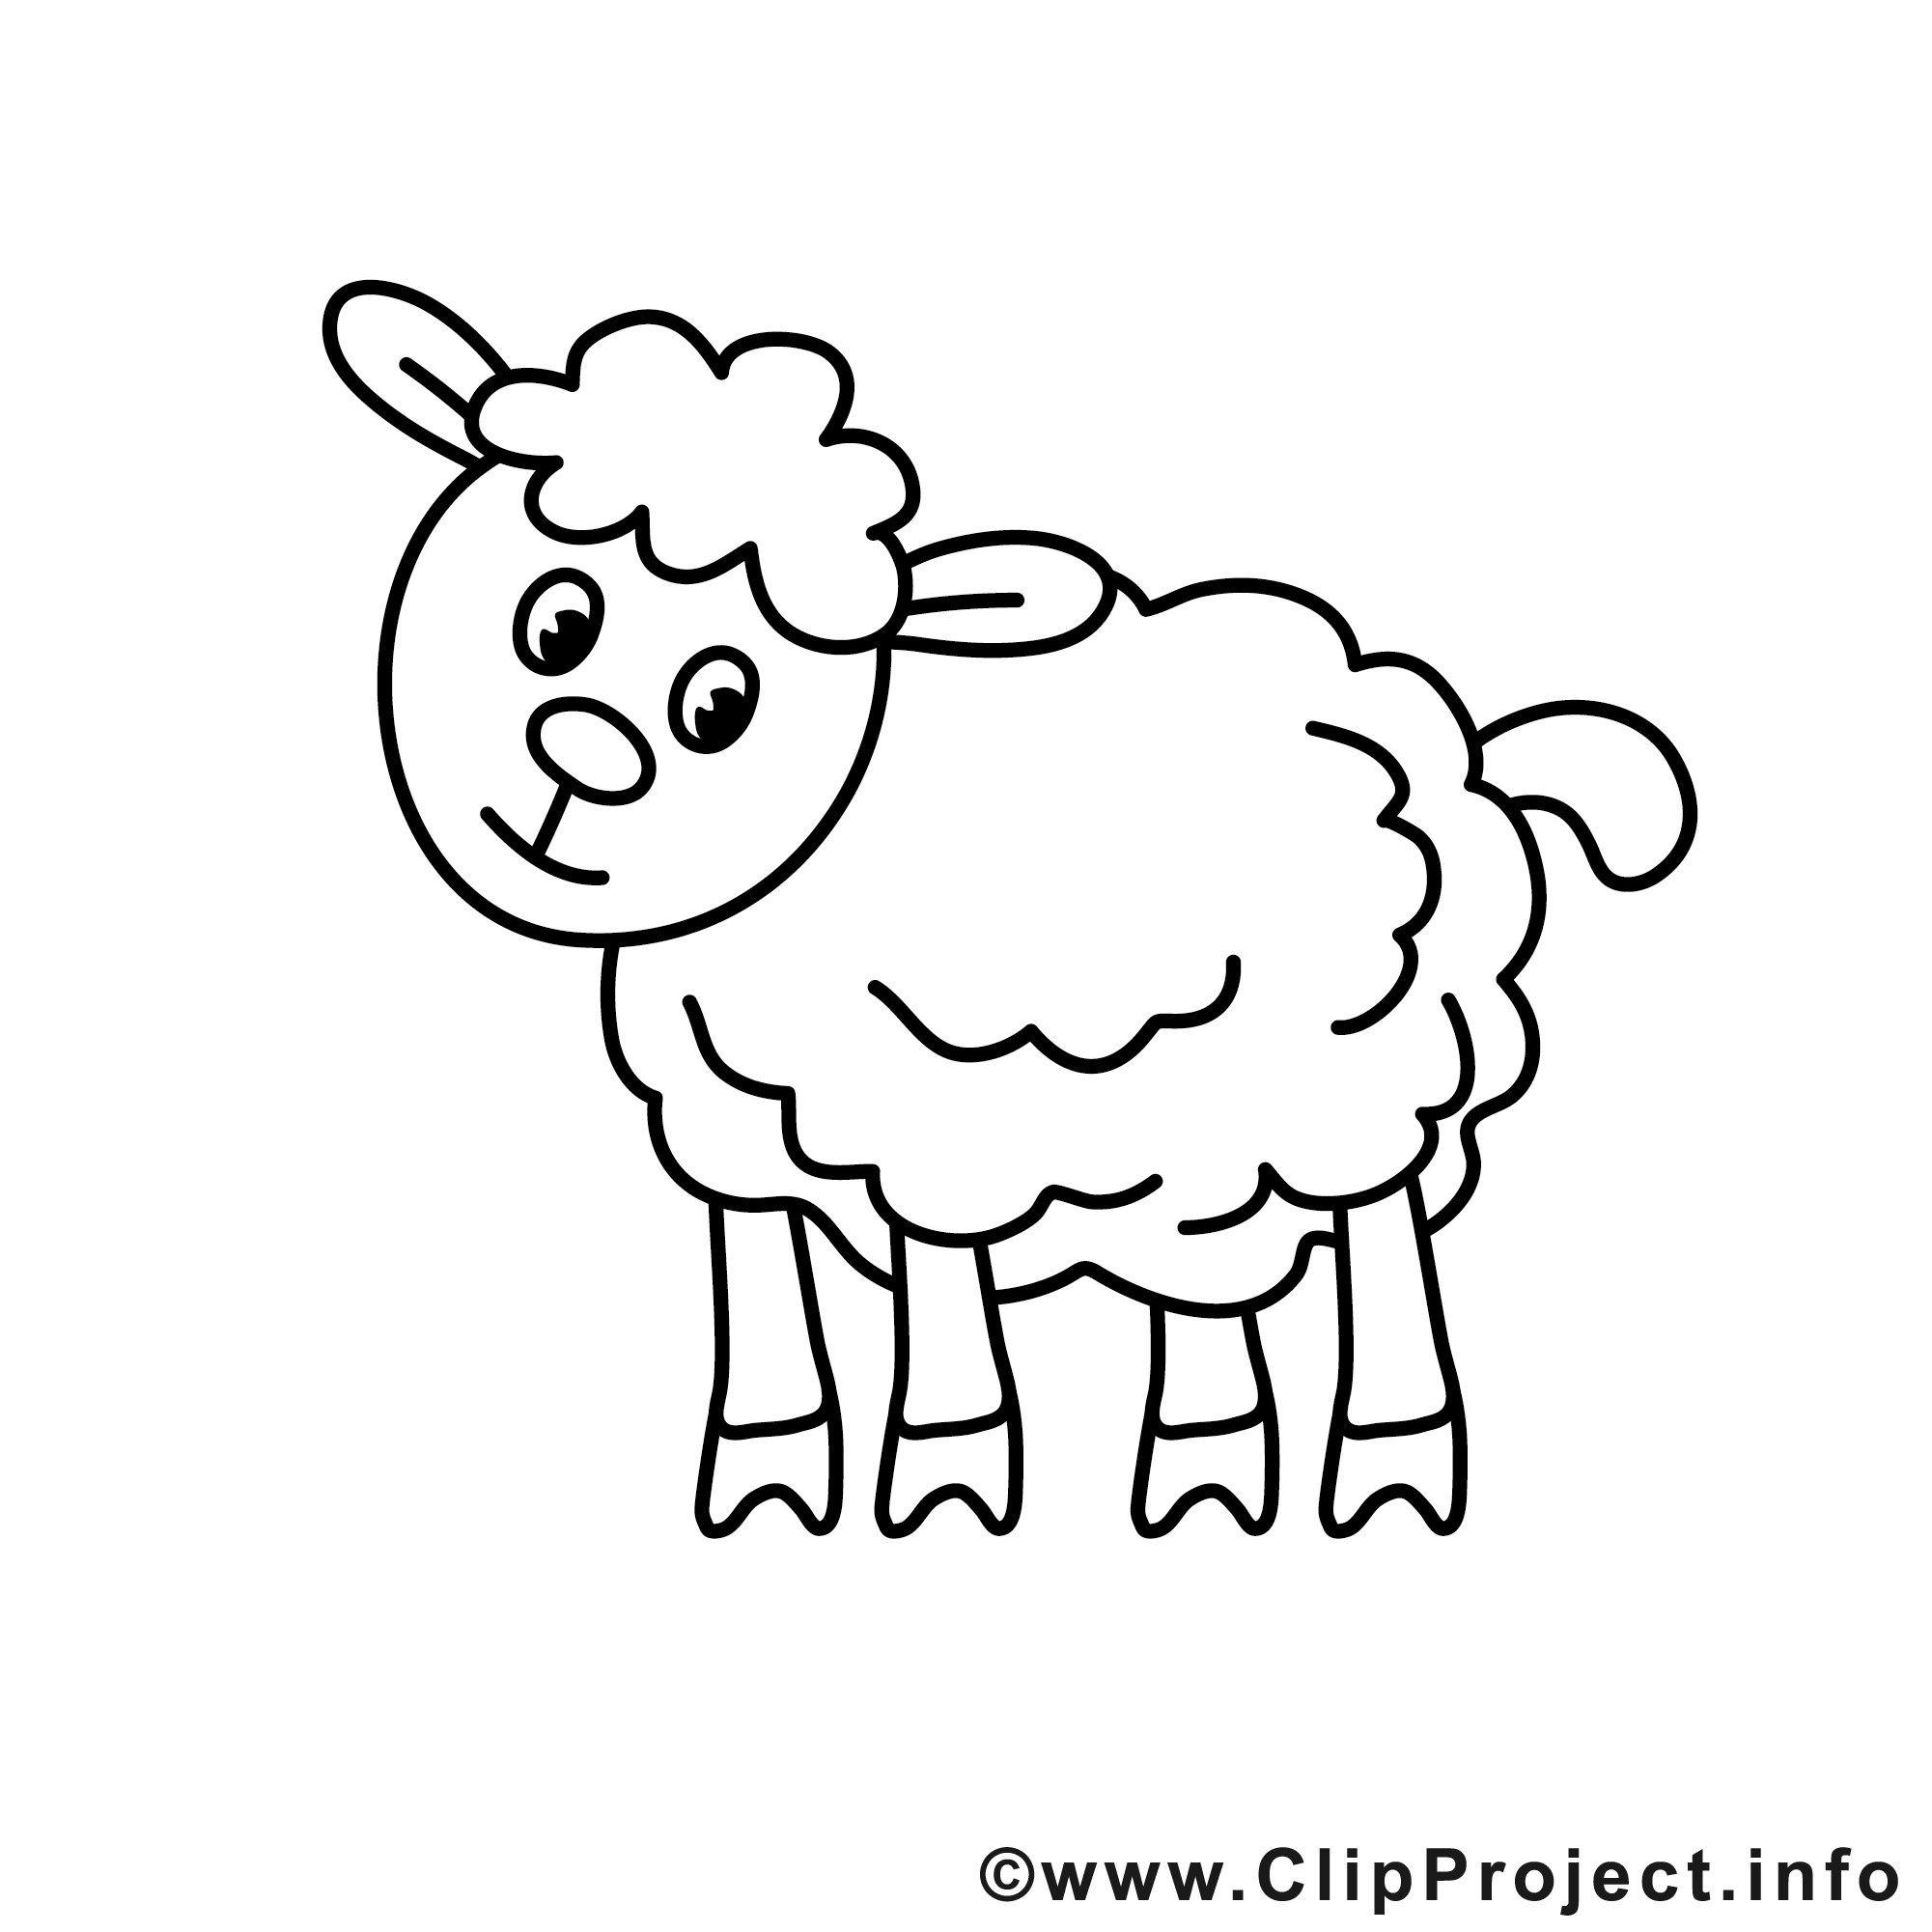 Schaf Malvorlagen  Schaf bilder, Bilder zum ausmalen, Ausmalen